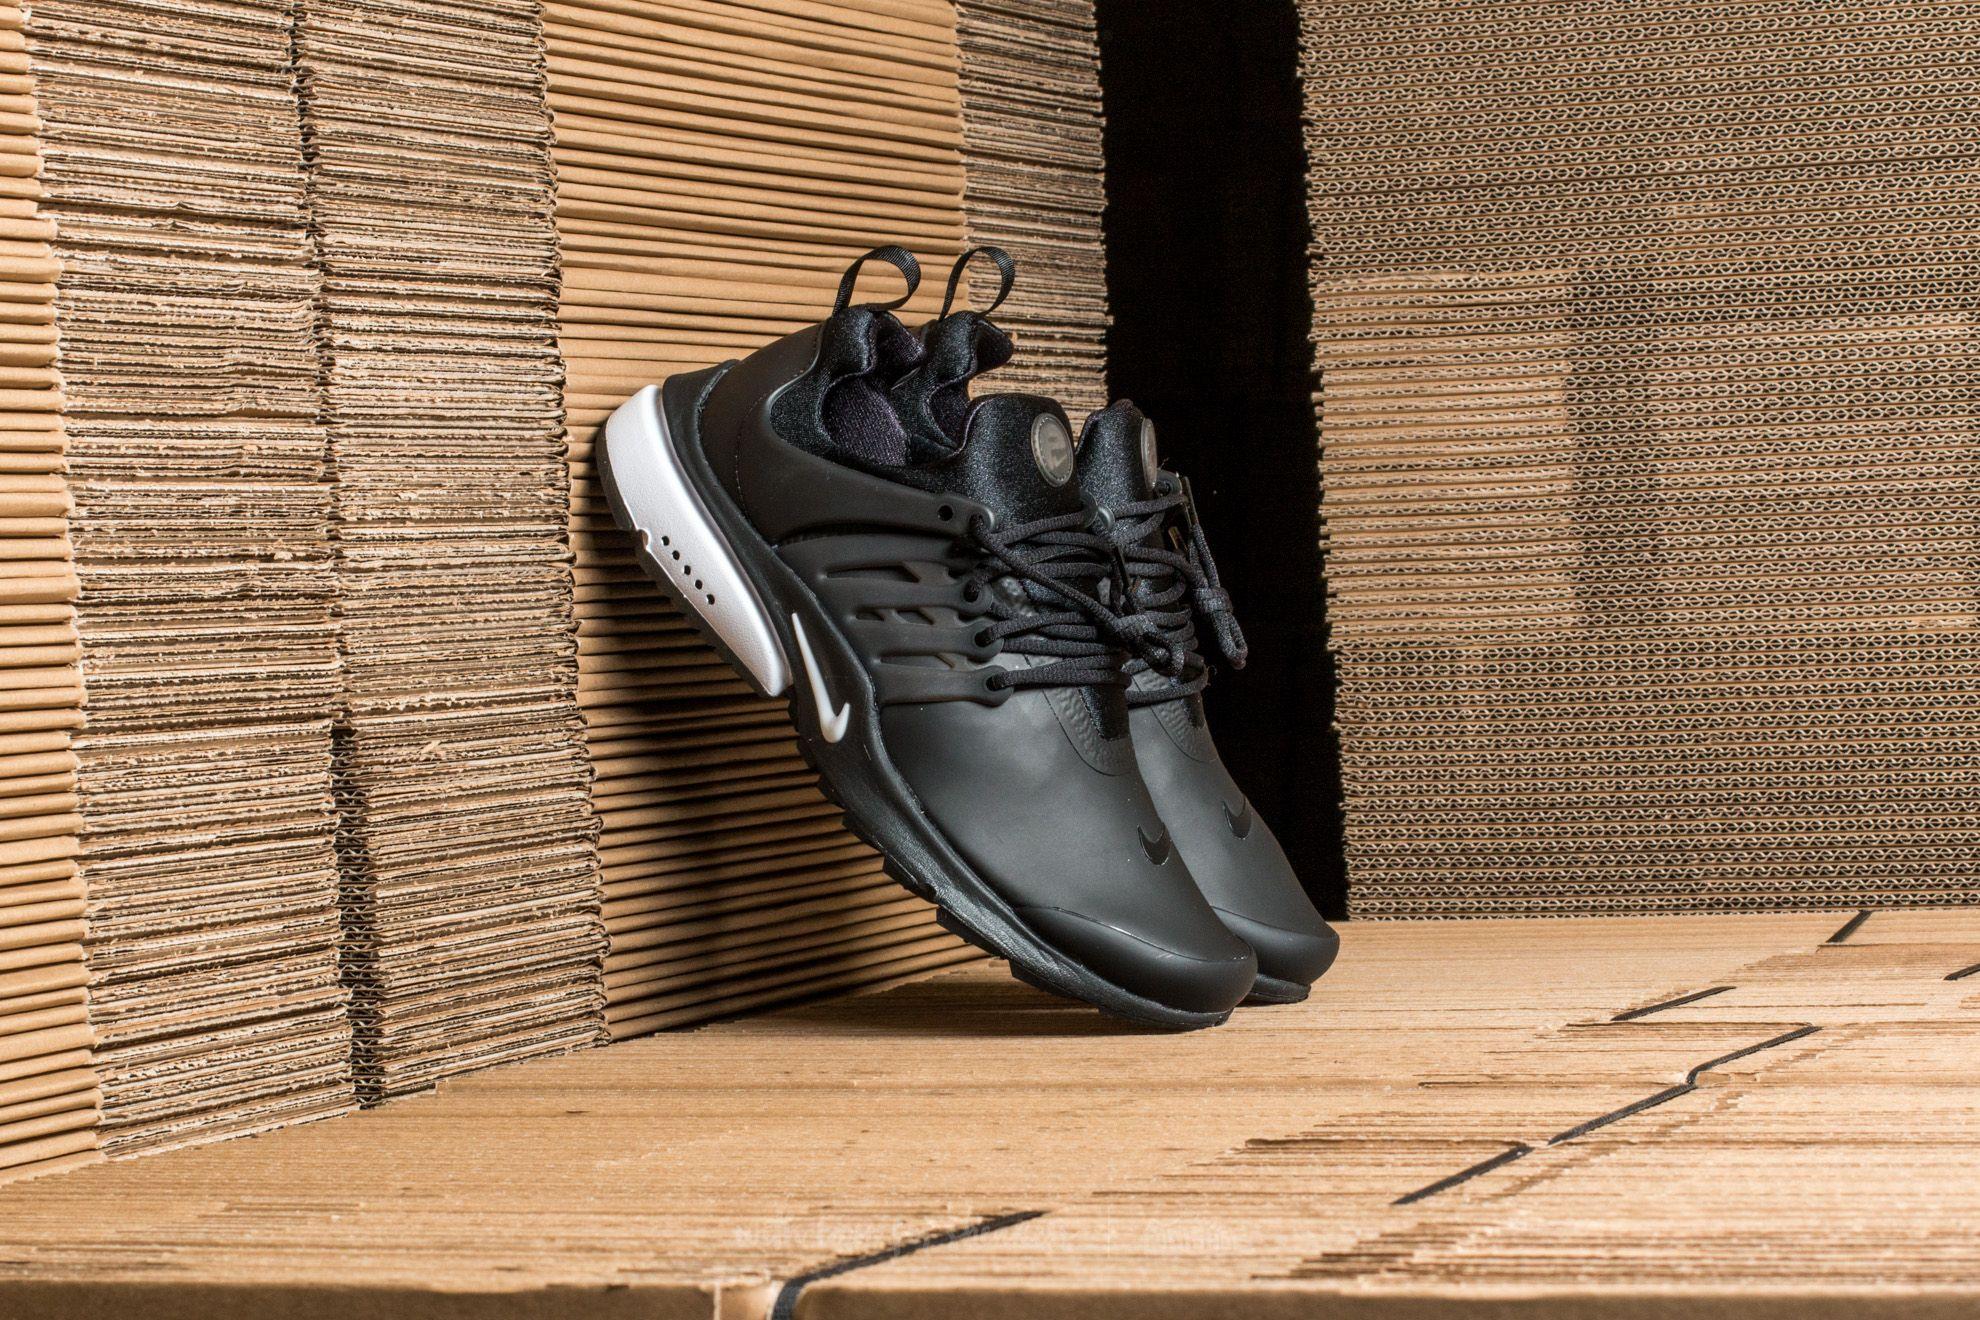 Nike Air Presto Low Utility Black/ White